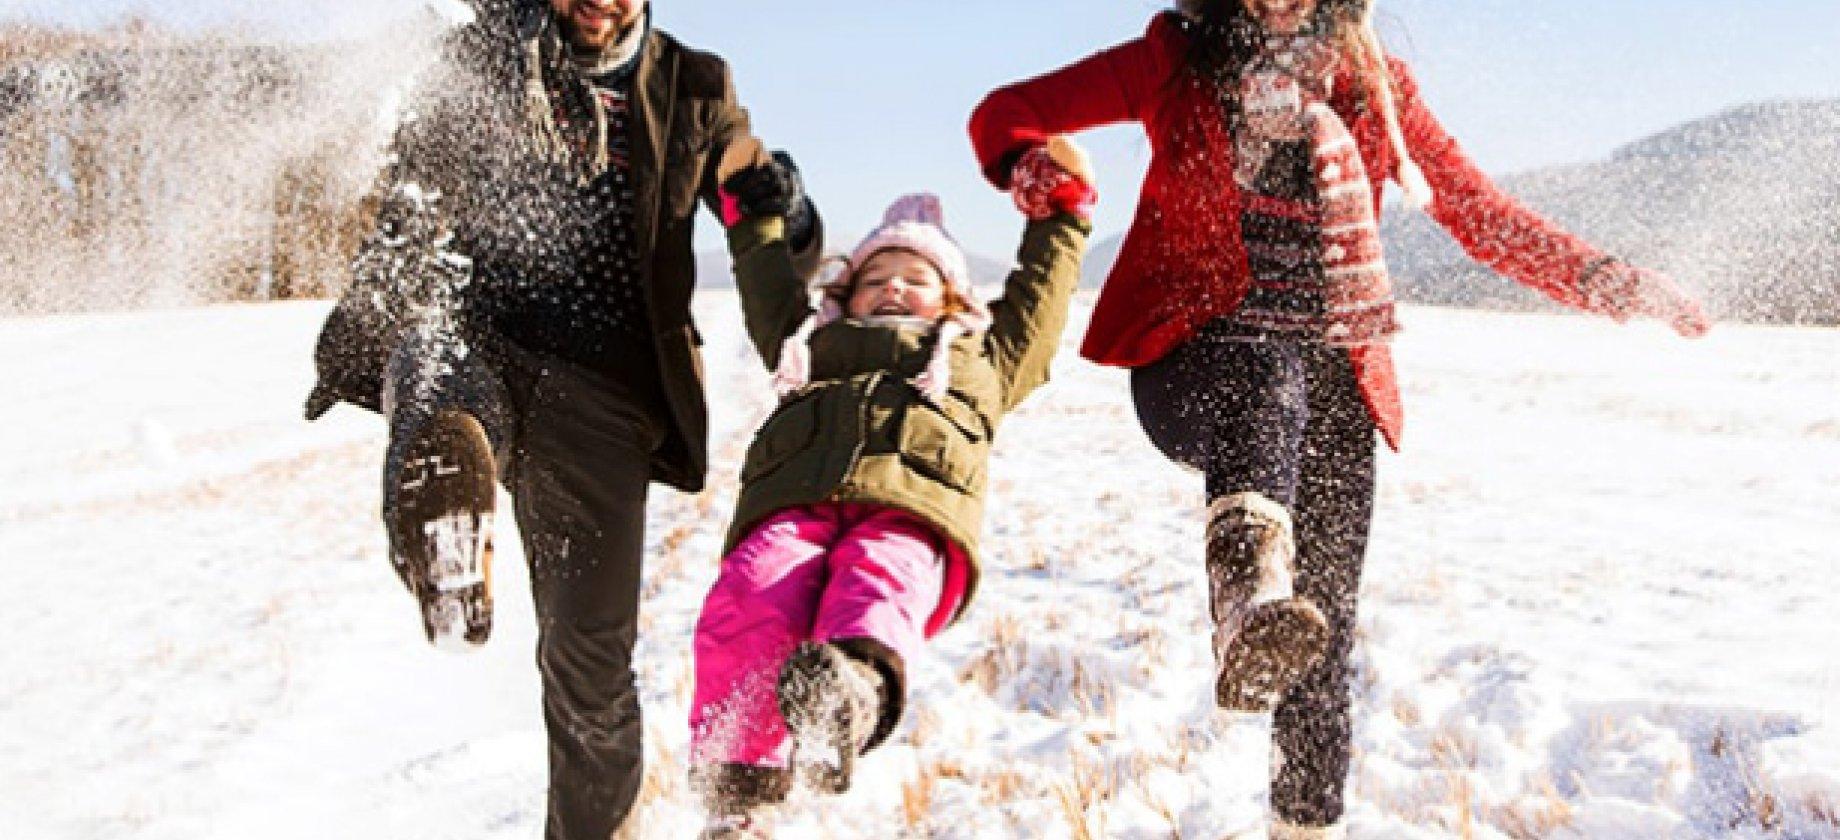 Zimowe spacery w górach